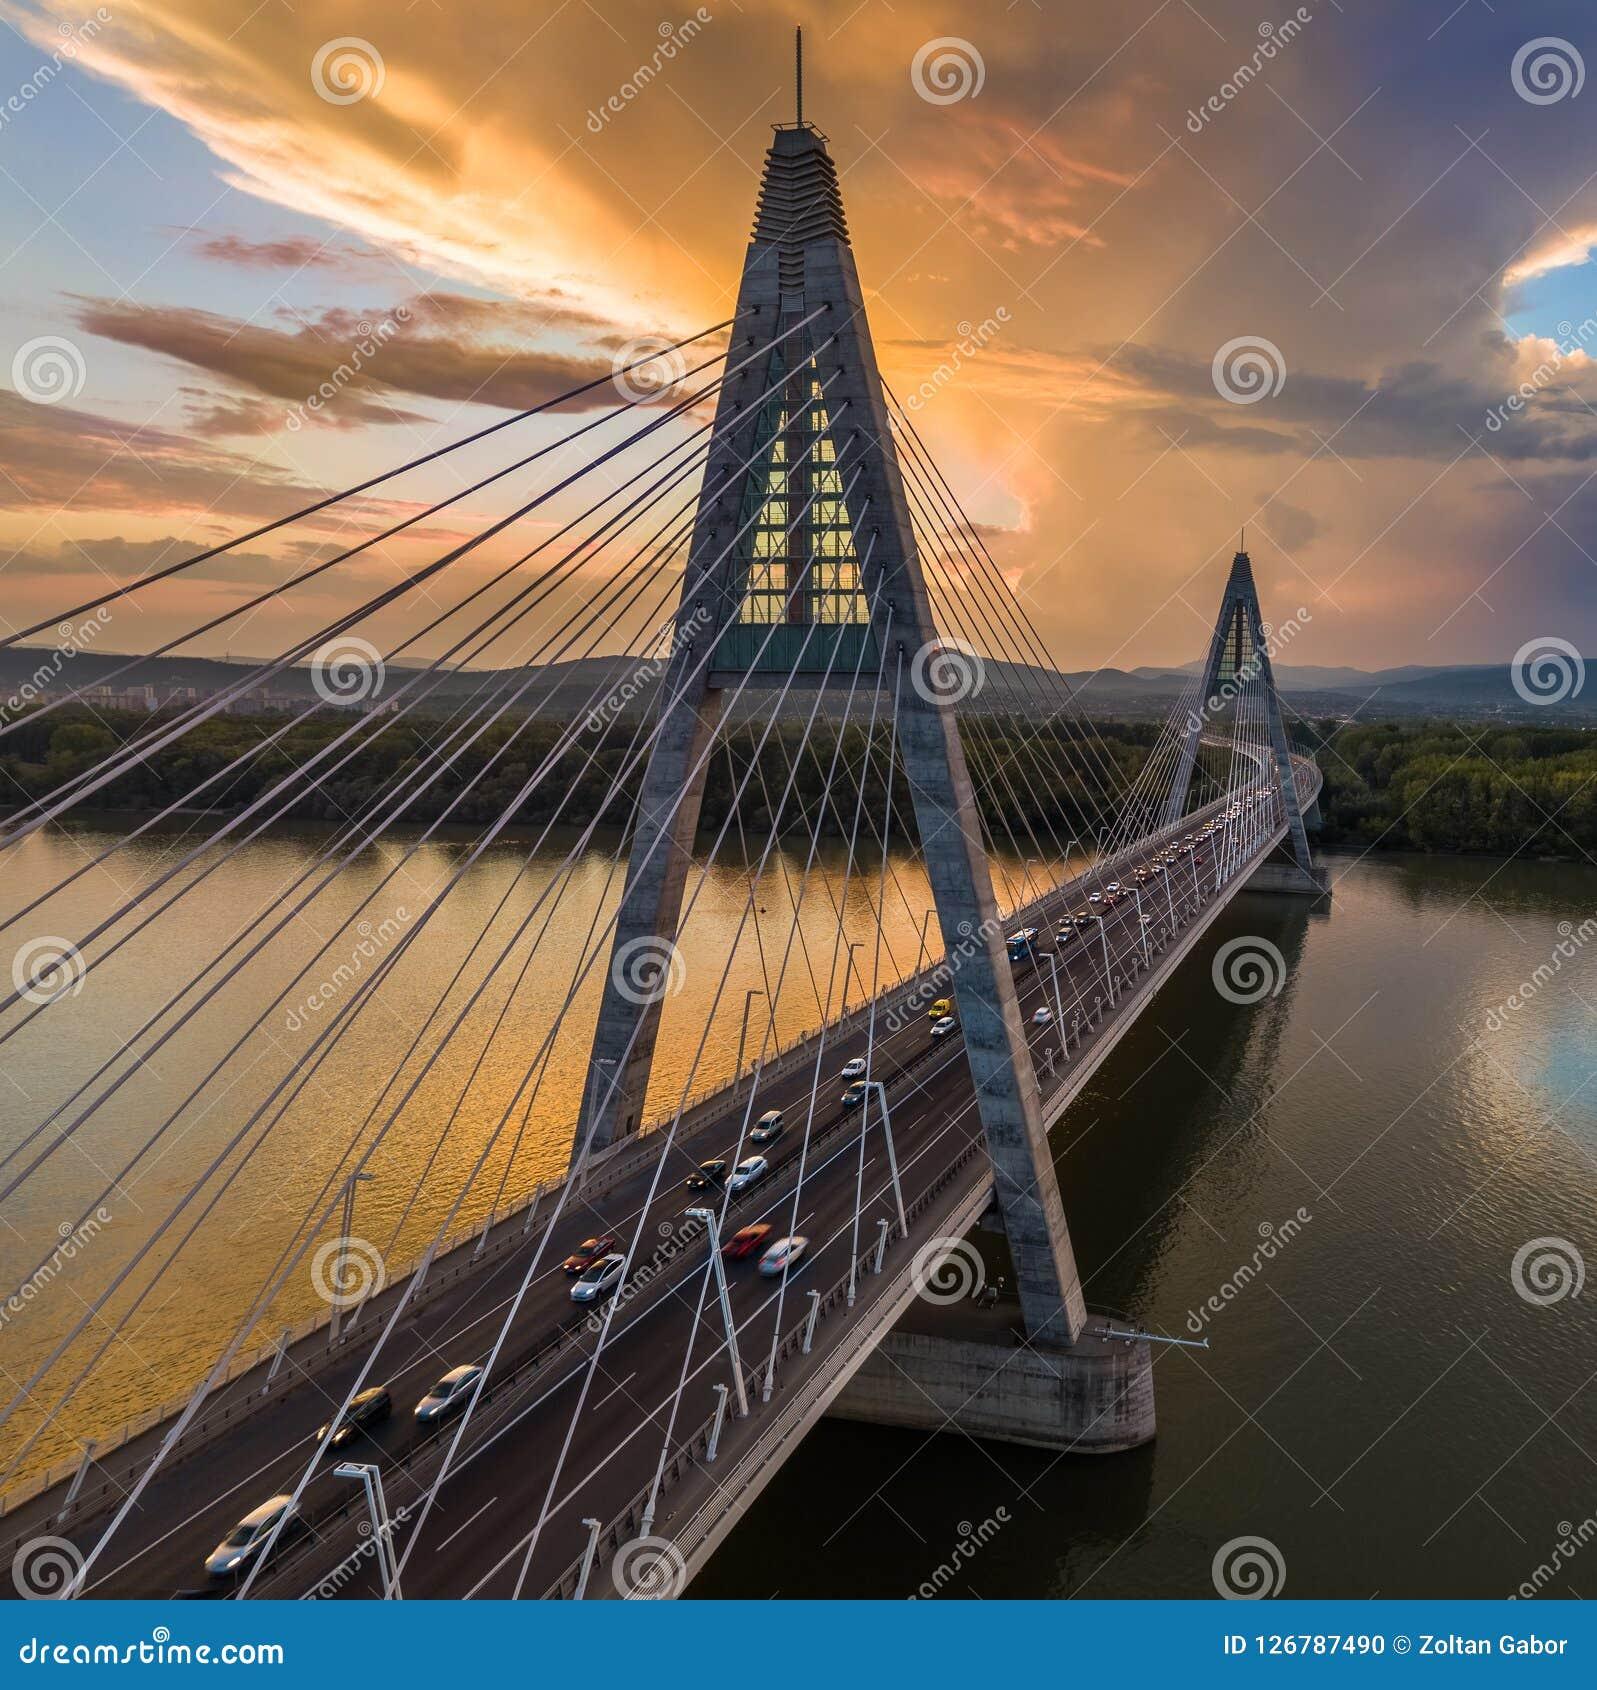 De Brug van Boedapest, Hongarije - Megyeri-over Rivier Donau bij zonsondergang met zwaar verkeer, mooie dramatische wolken